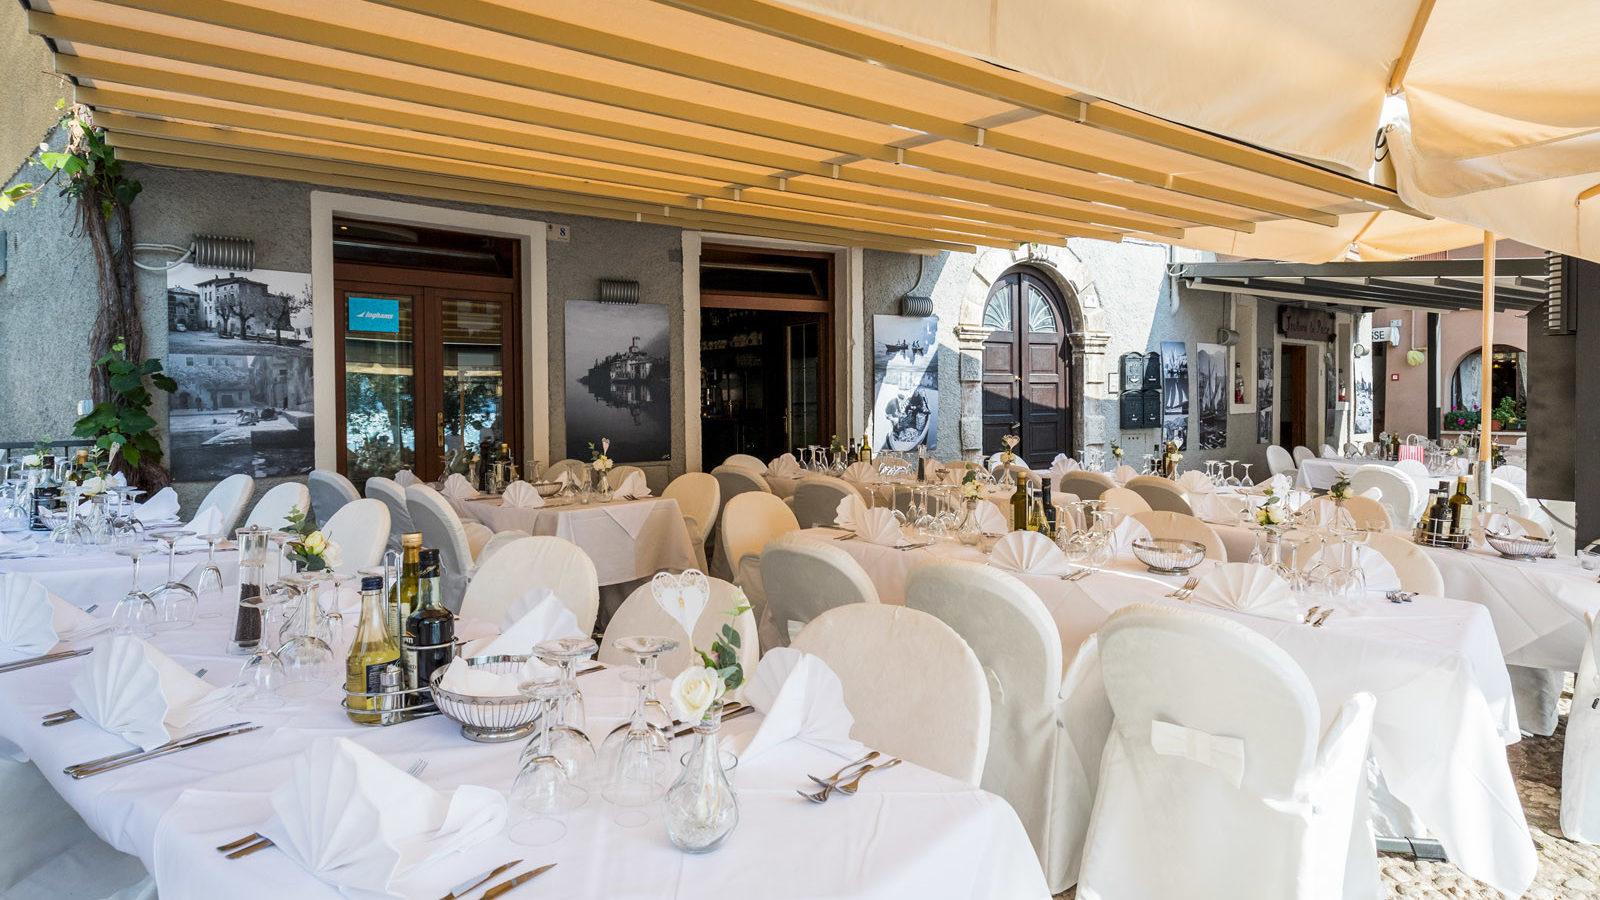 ristorante con tavoli all'esterno per il matrimonio